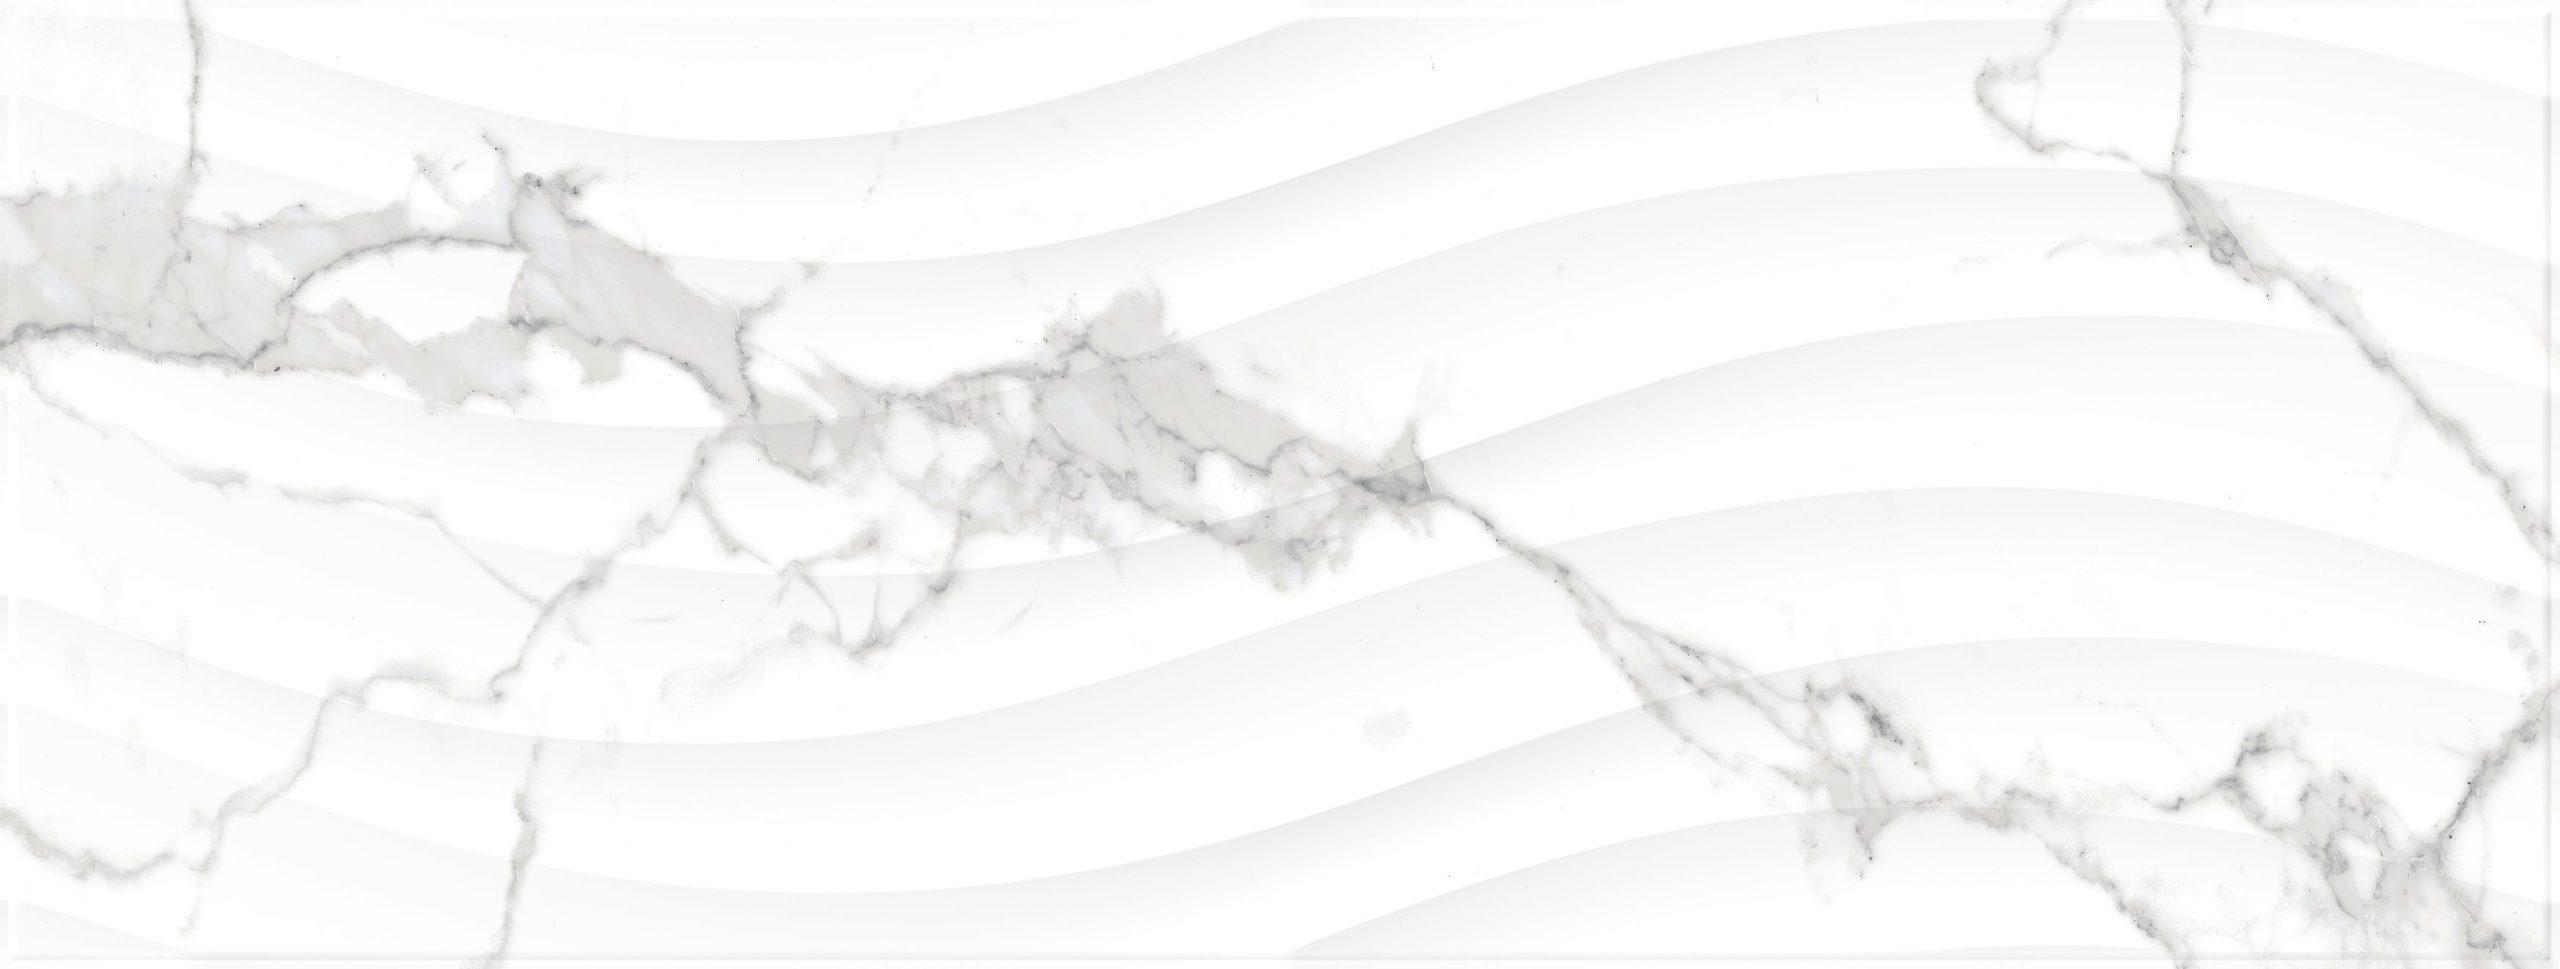 Map gạch 300x800 Y38121M (2)